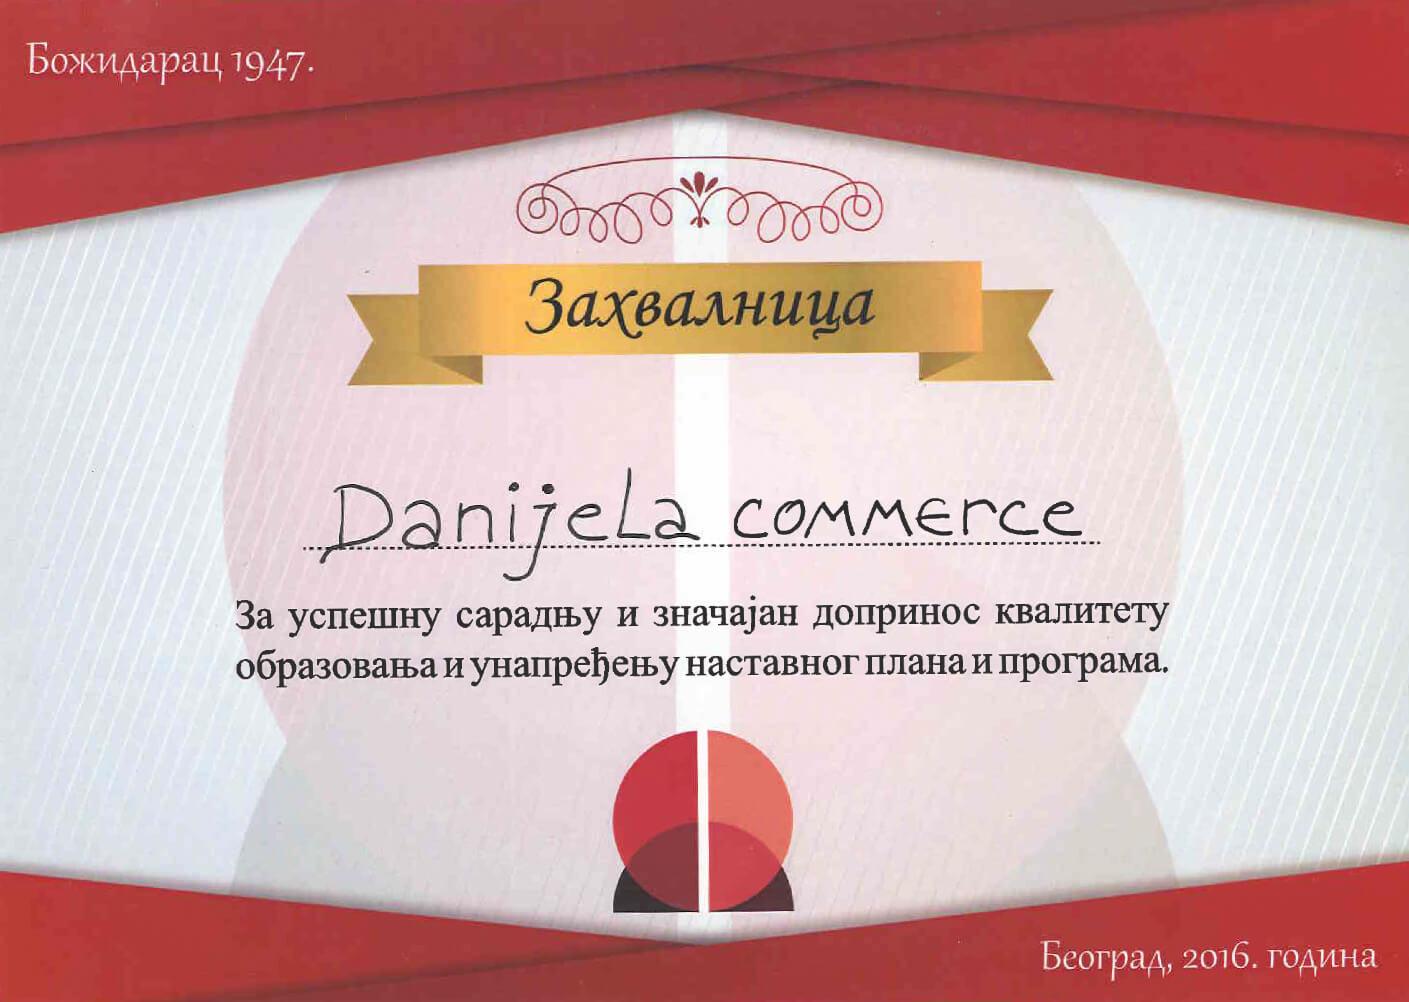 Božidarac 1947.